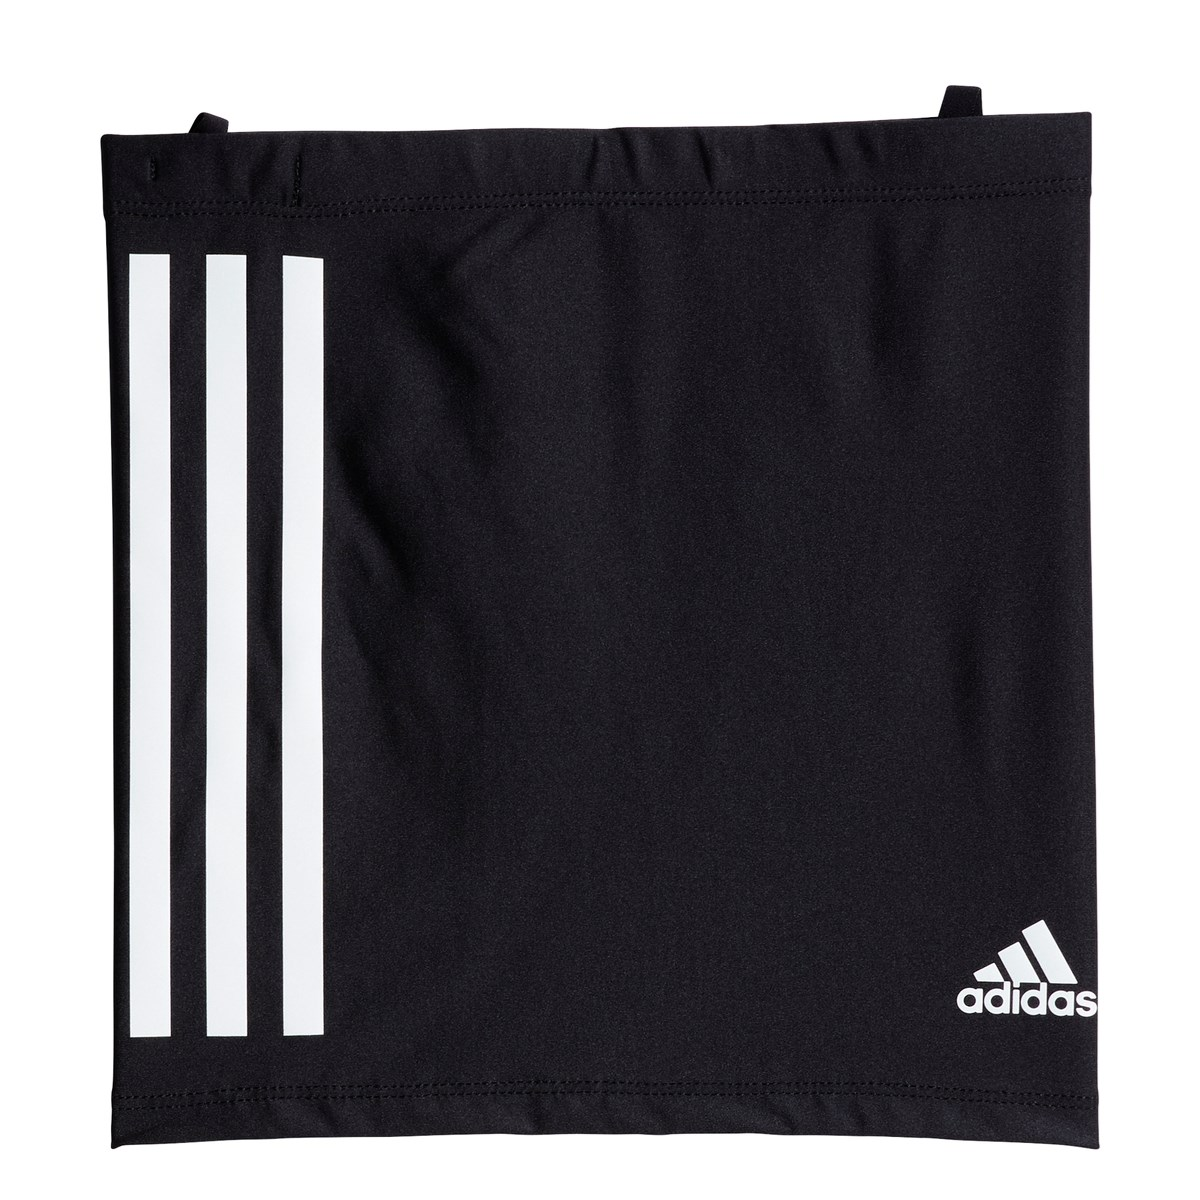 アディダス Adidas AEROREADY UVフェイスカバー ブラック フリー